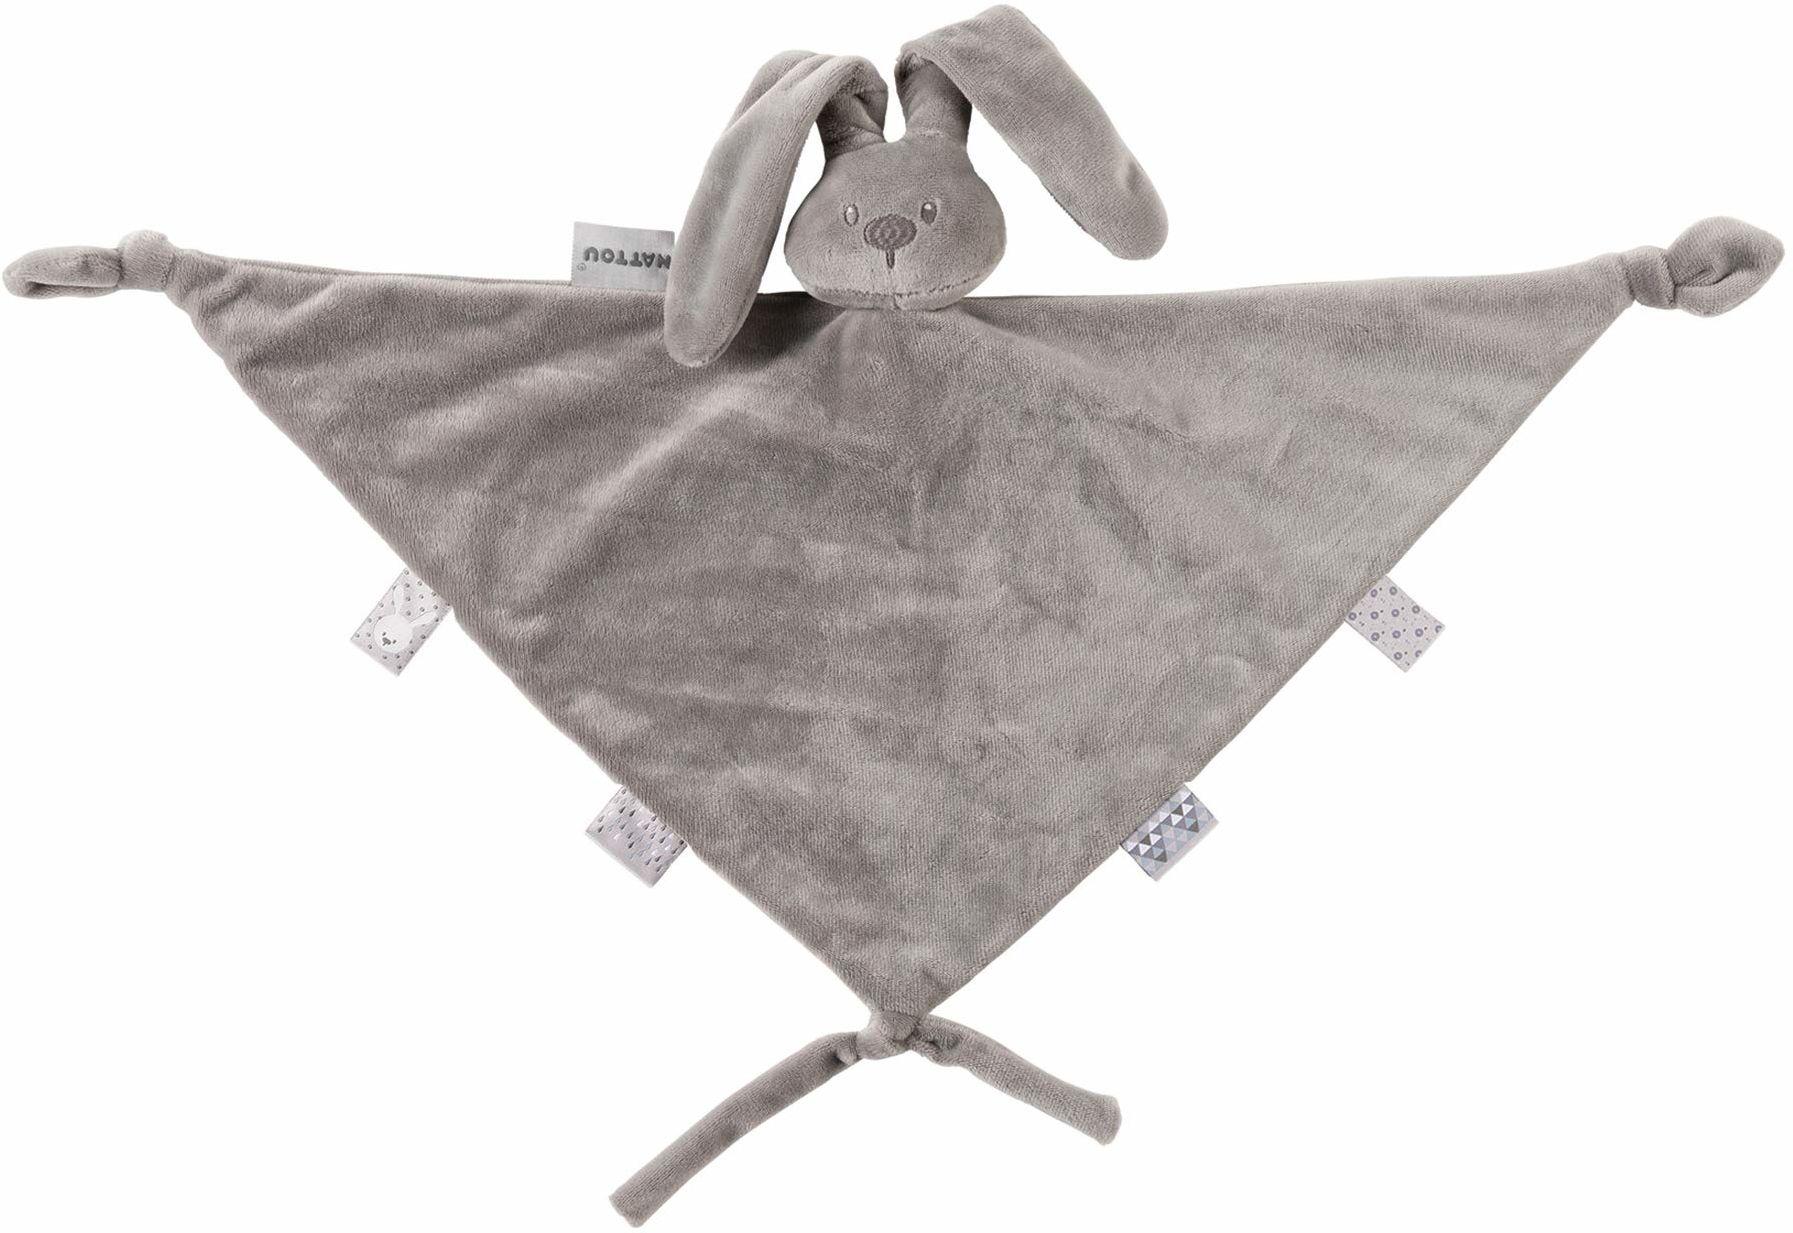 Nattou Duży ręcznik do karmienia zając Lapidou, towarzysz od urodzenia, 65 x 40 cm, Lapidou, szary